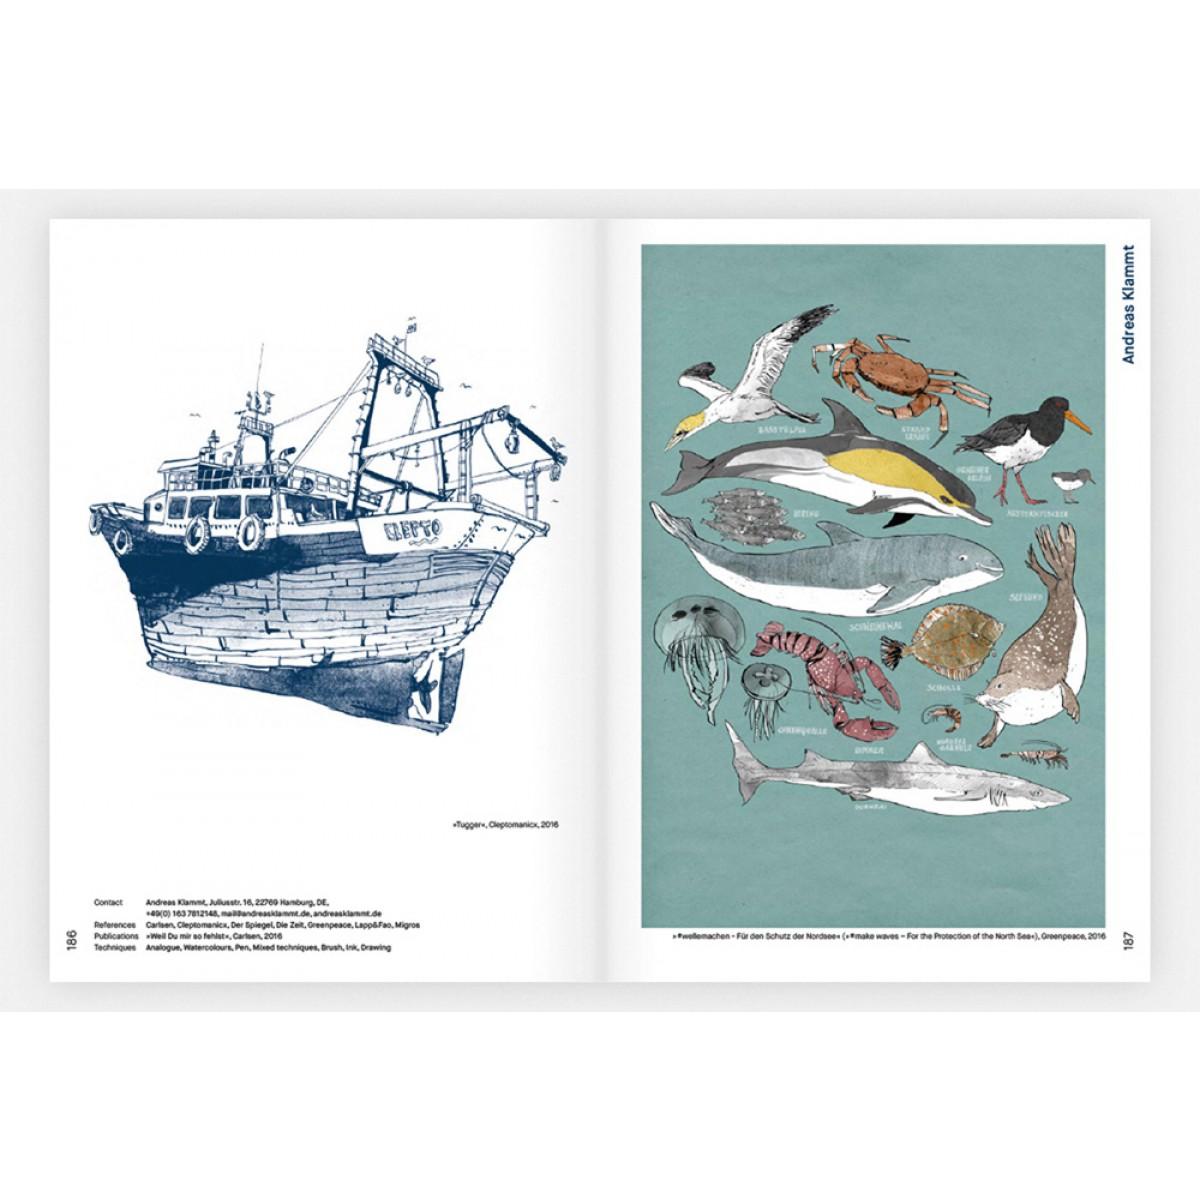 Hrsg. Raban Ruddigkeit Freistil 6 Das Buch der Illustratoren